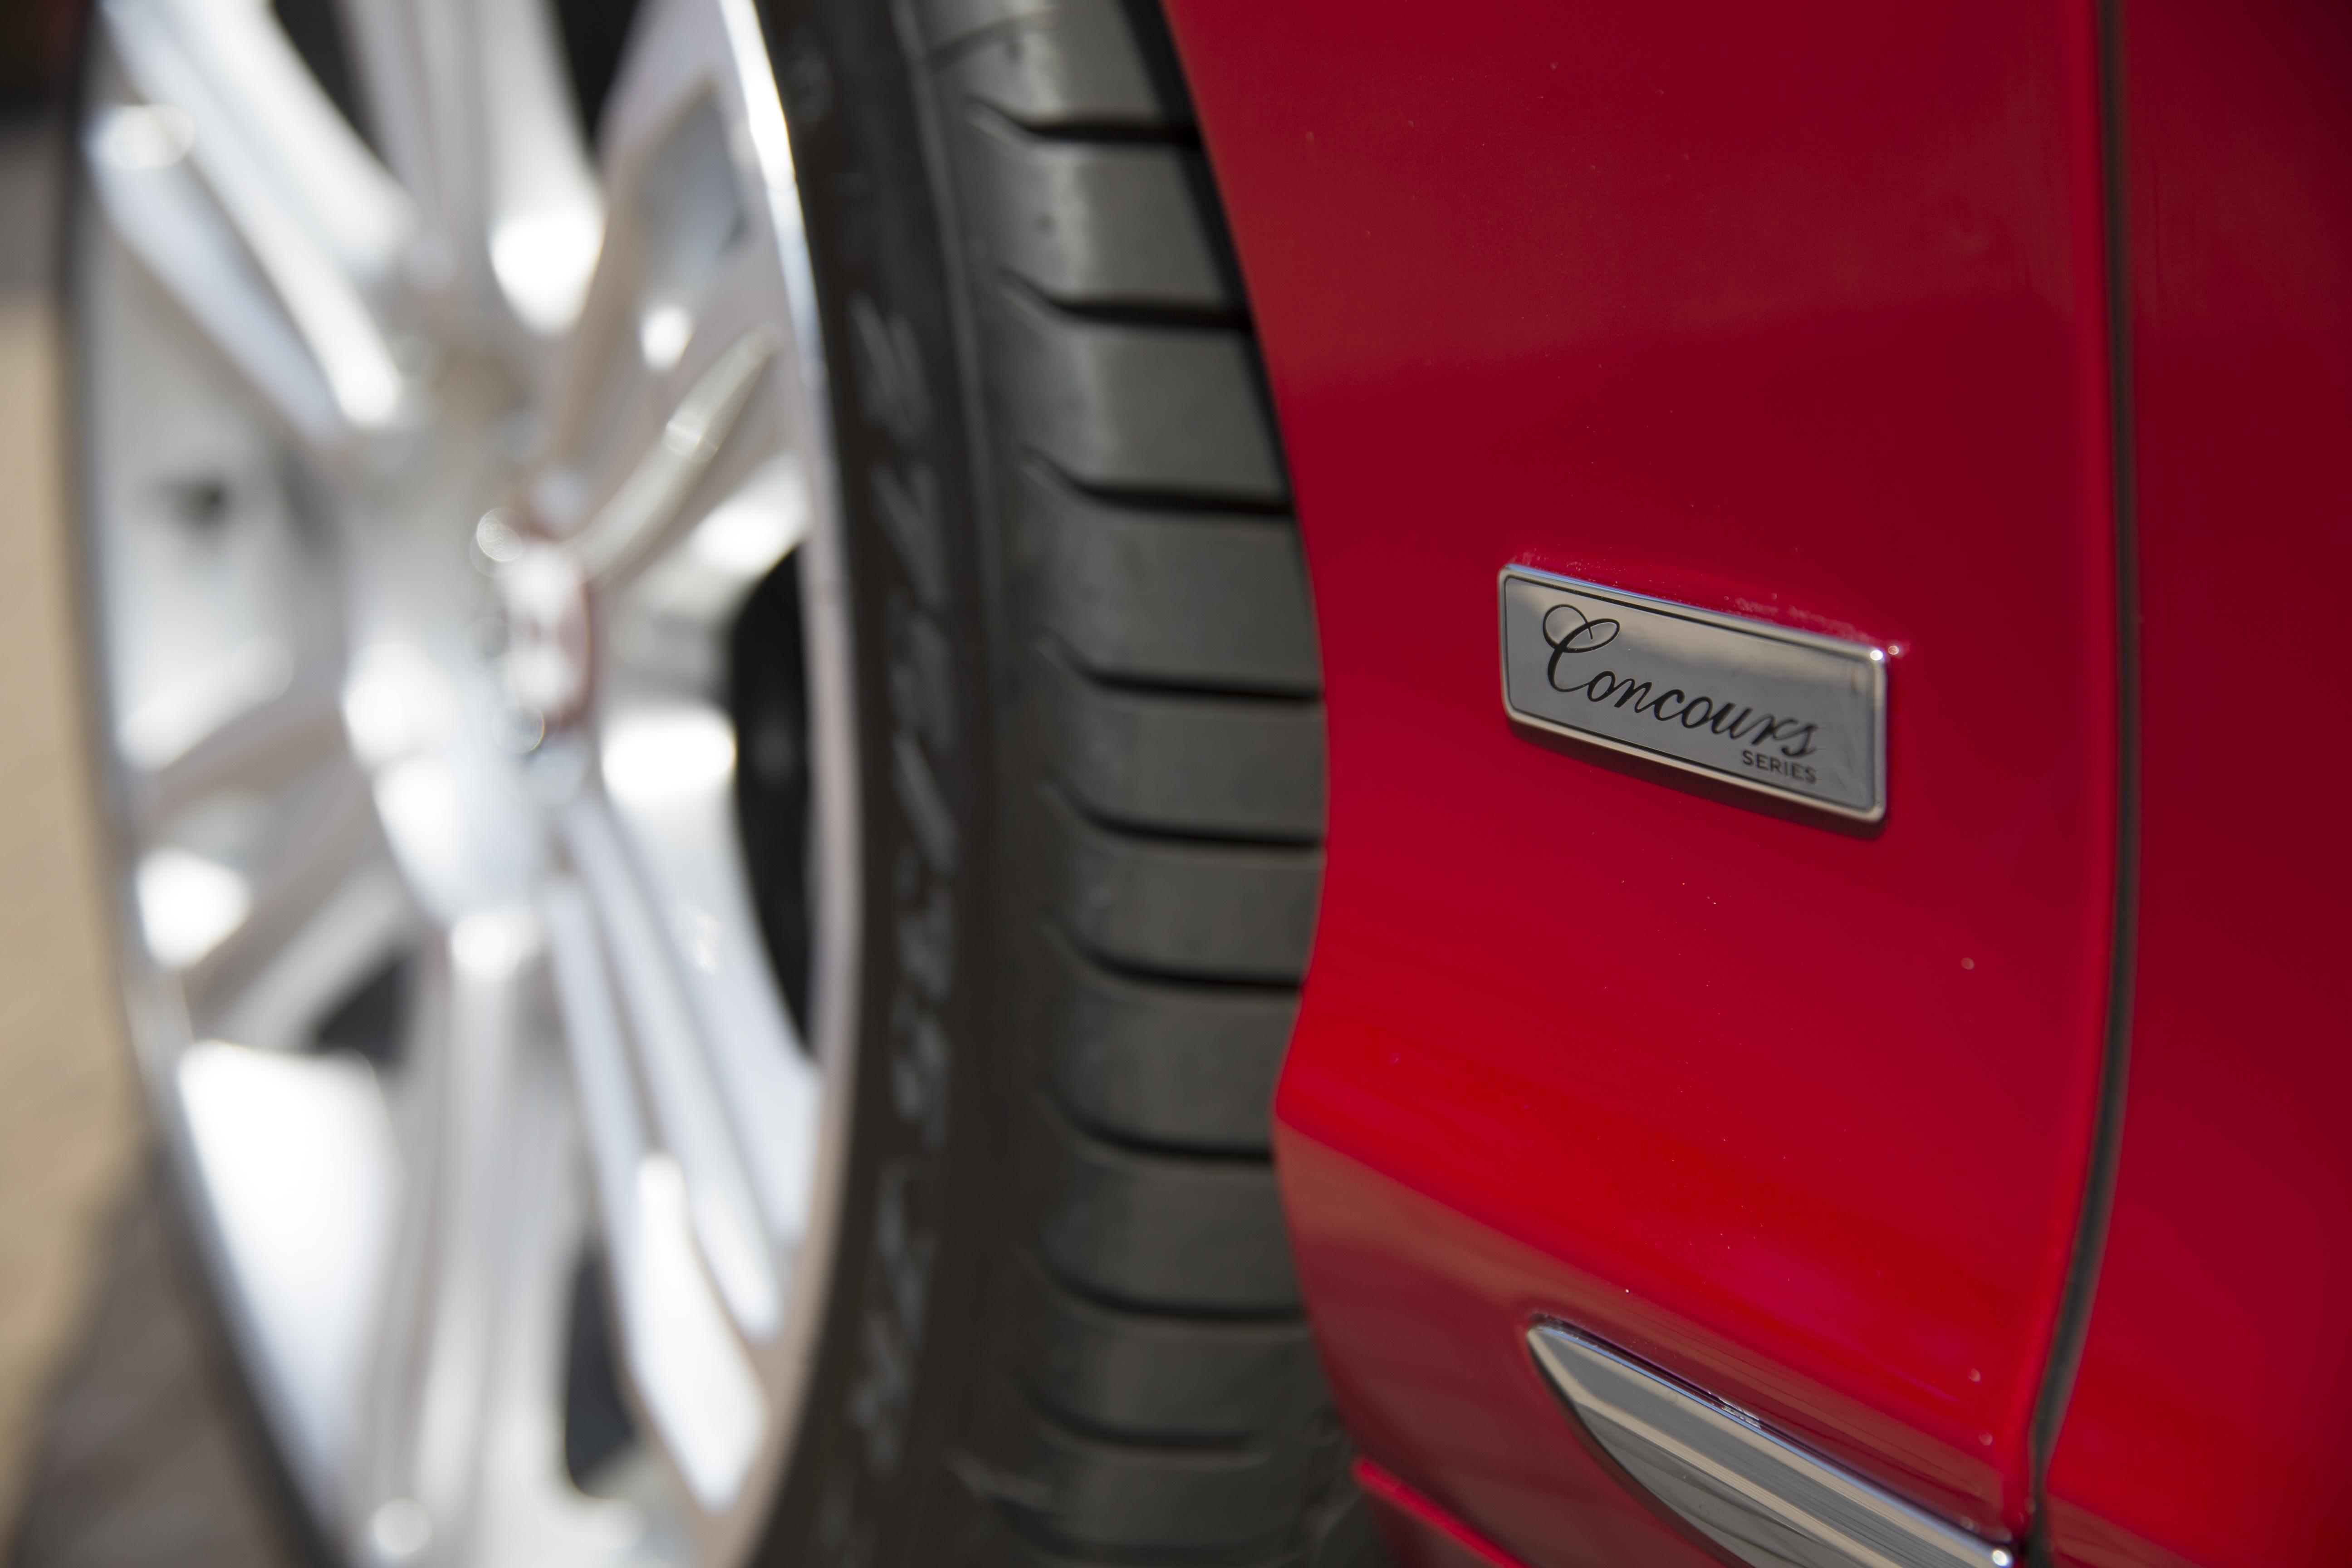 ВРЕМЯ ВЫБИРАТЬ BENTLEY! НОВЫЙ CONTINENTAL GT ОТ 11 900 000 РУБ. - изображение NICK1646 на Bentleymoscow.ru!